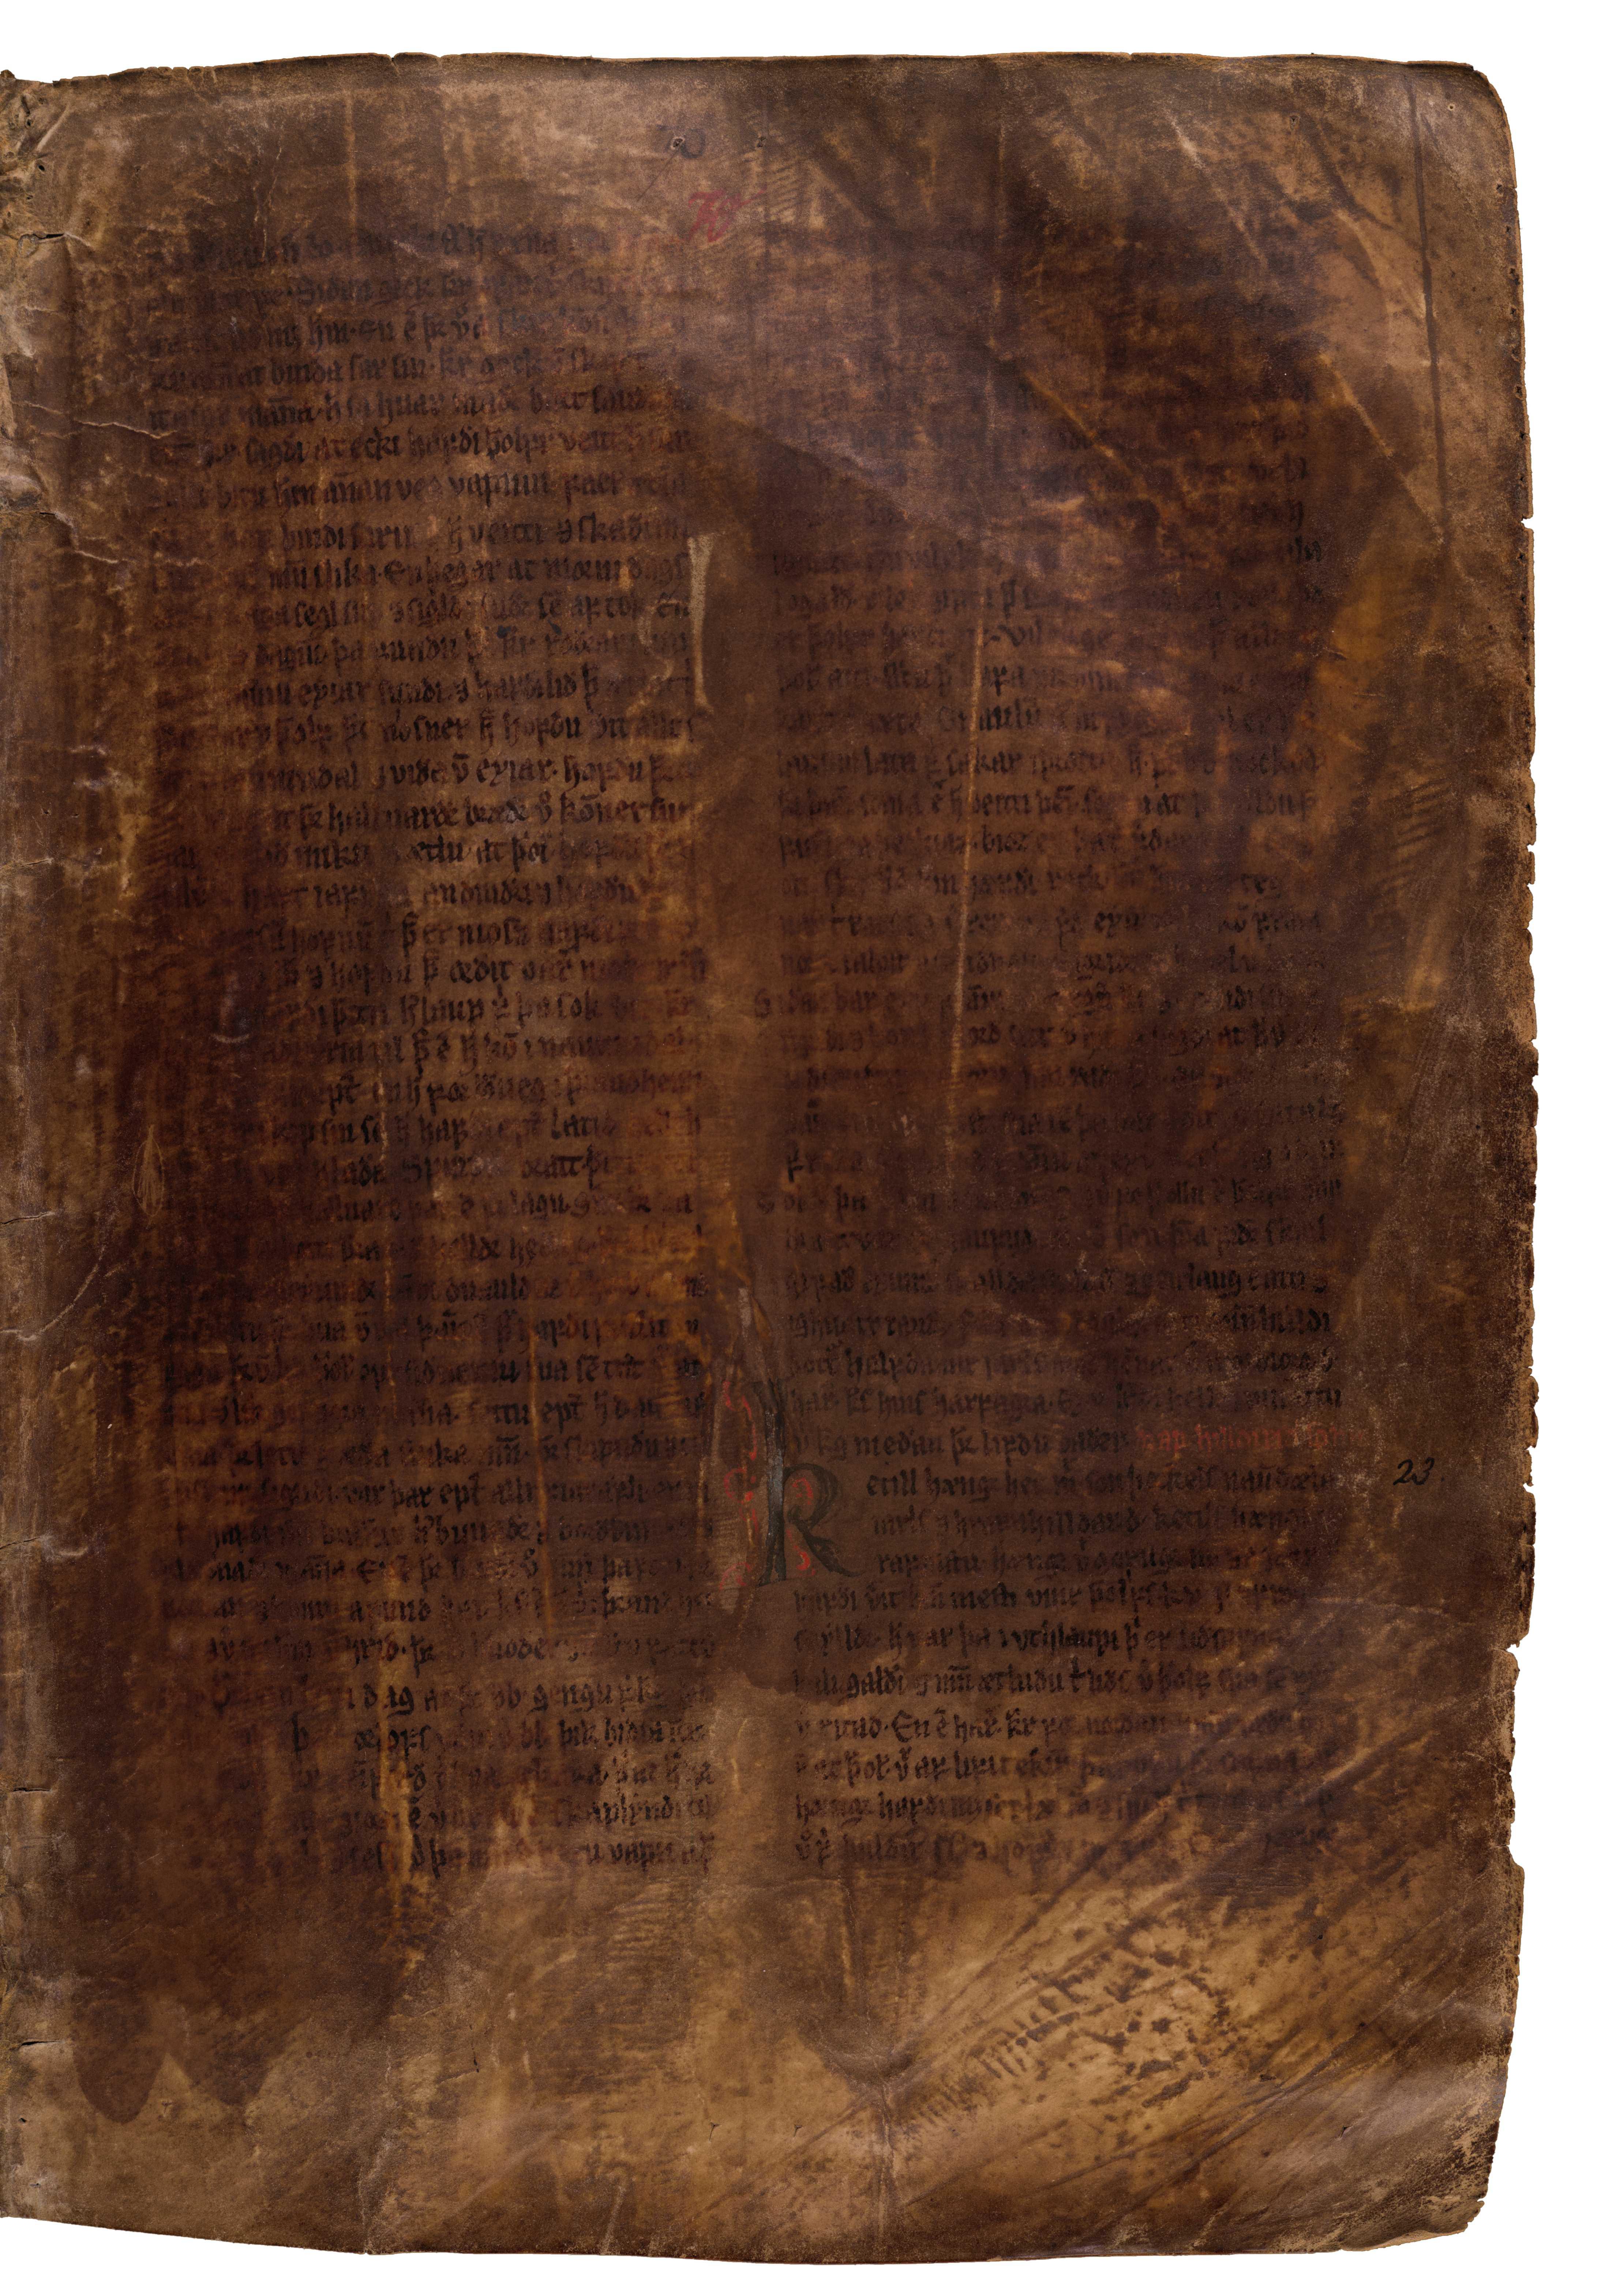 AM 132 fol - 70r